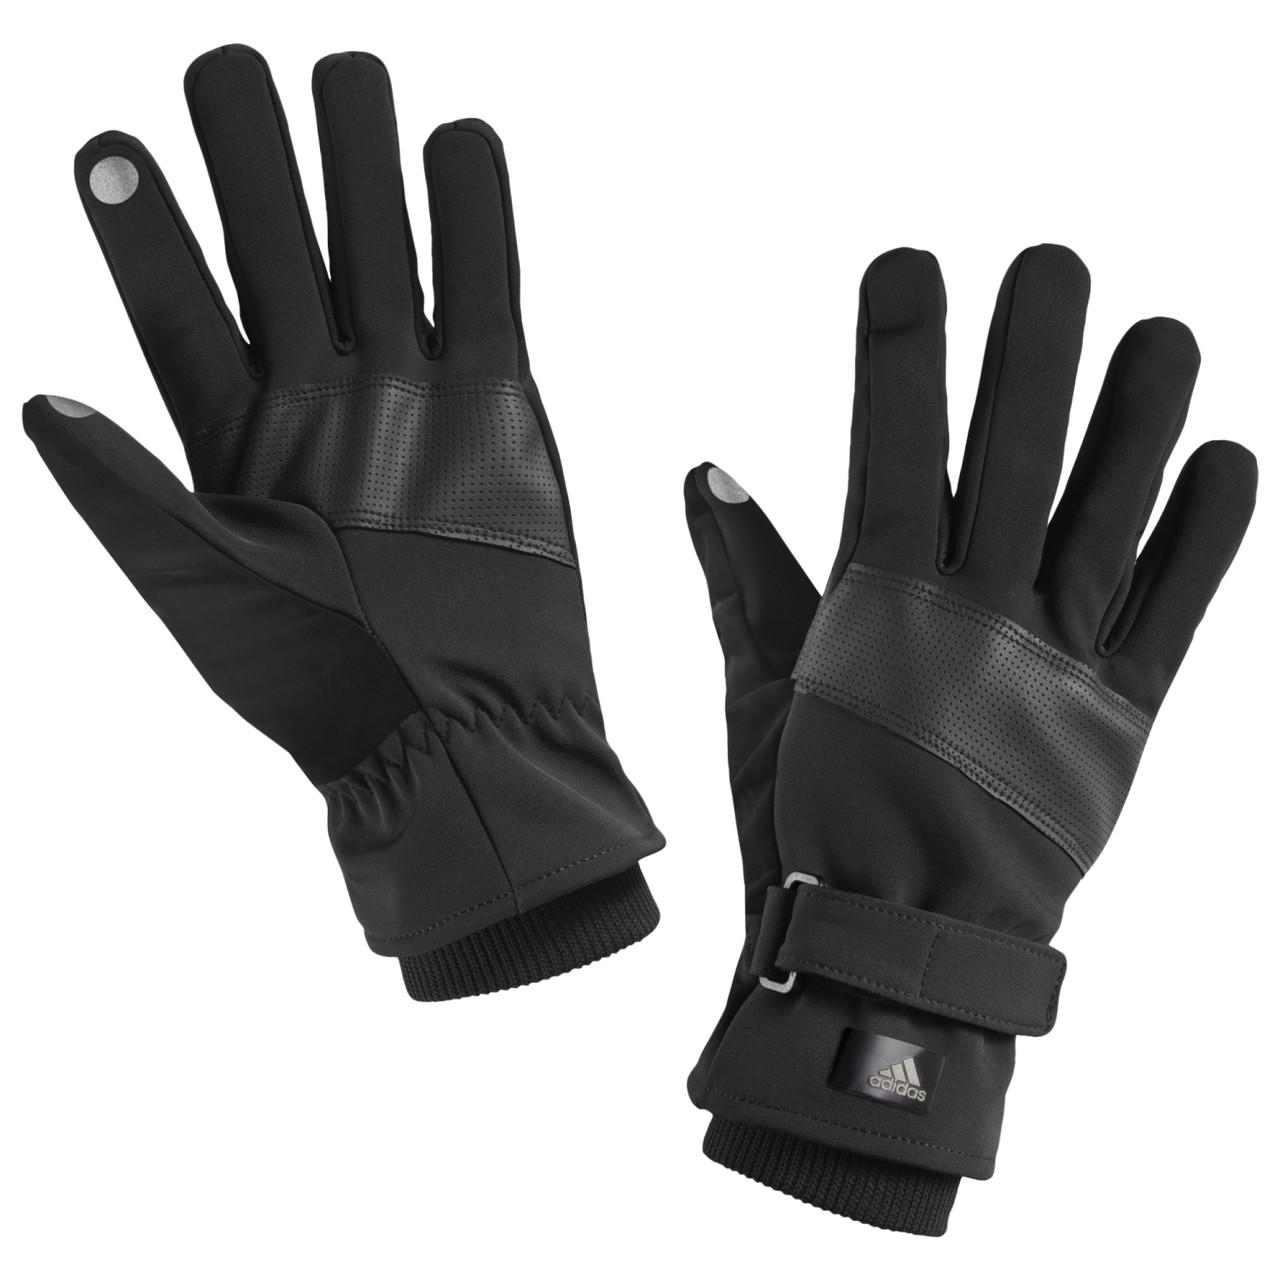 Перчатки спортивные Climawarm Conductive Gloves Eldivenv G70543 адидас